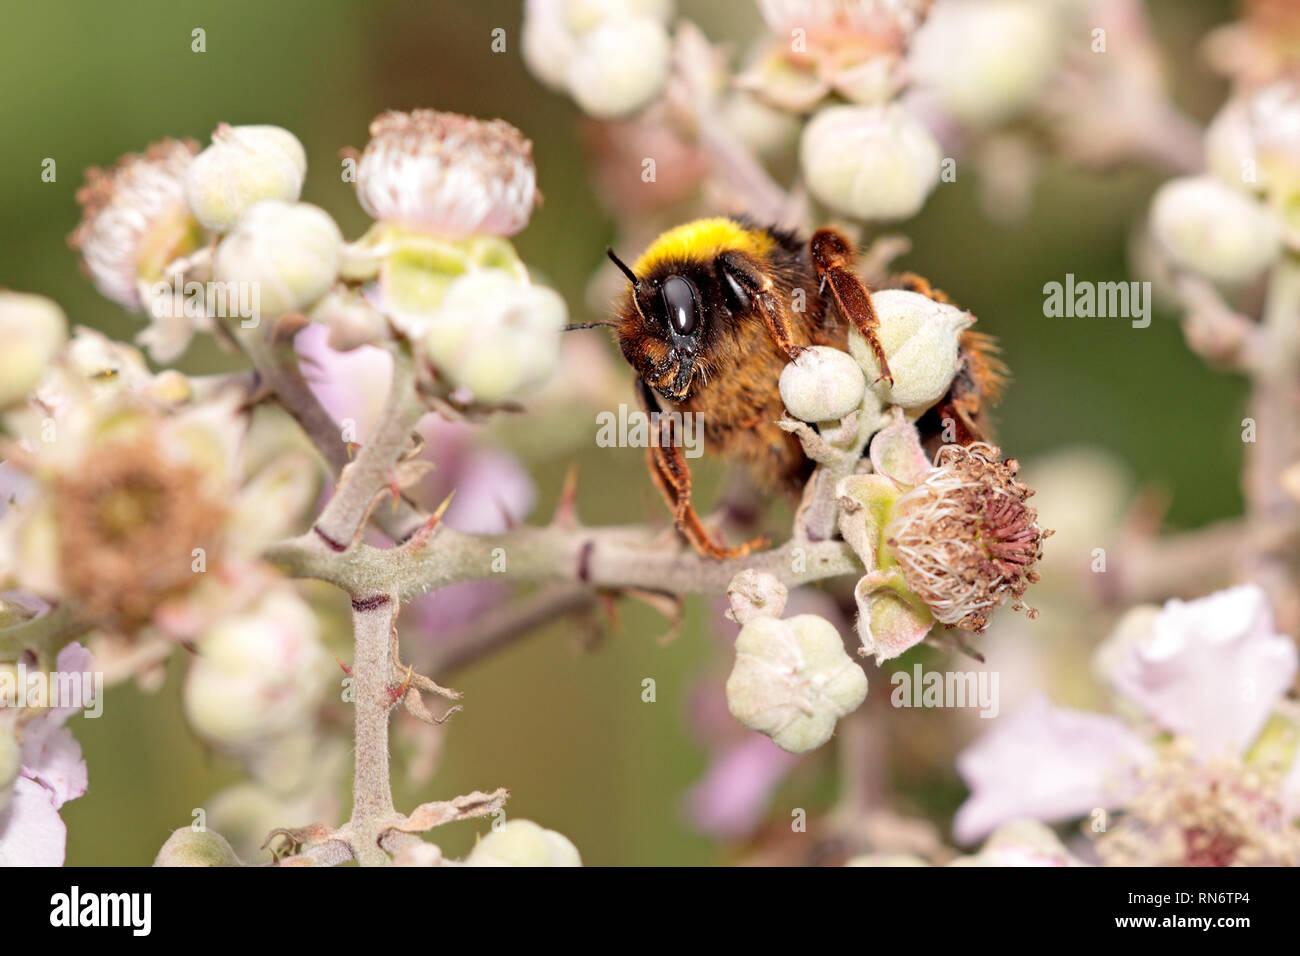 best service 2a82e 9746c Schöne Makro einer Hummel auf der Suche nach Pollen auf eine ...